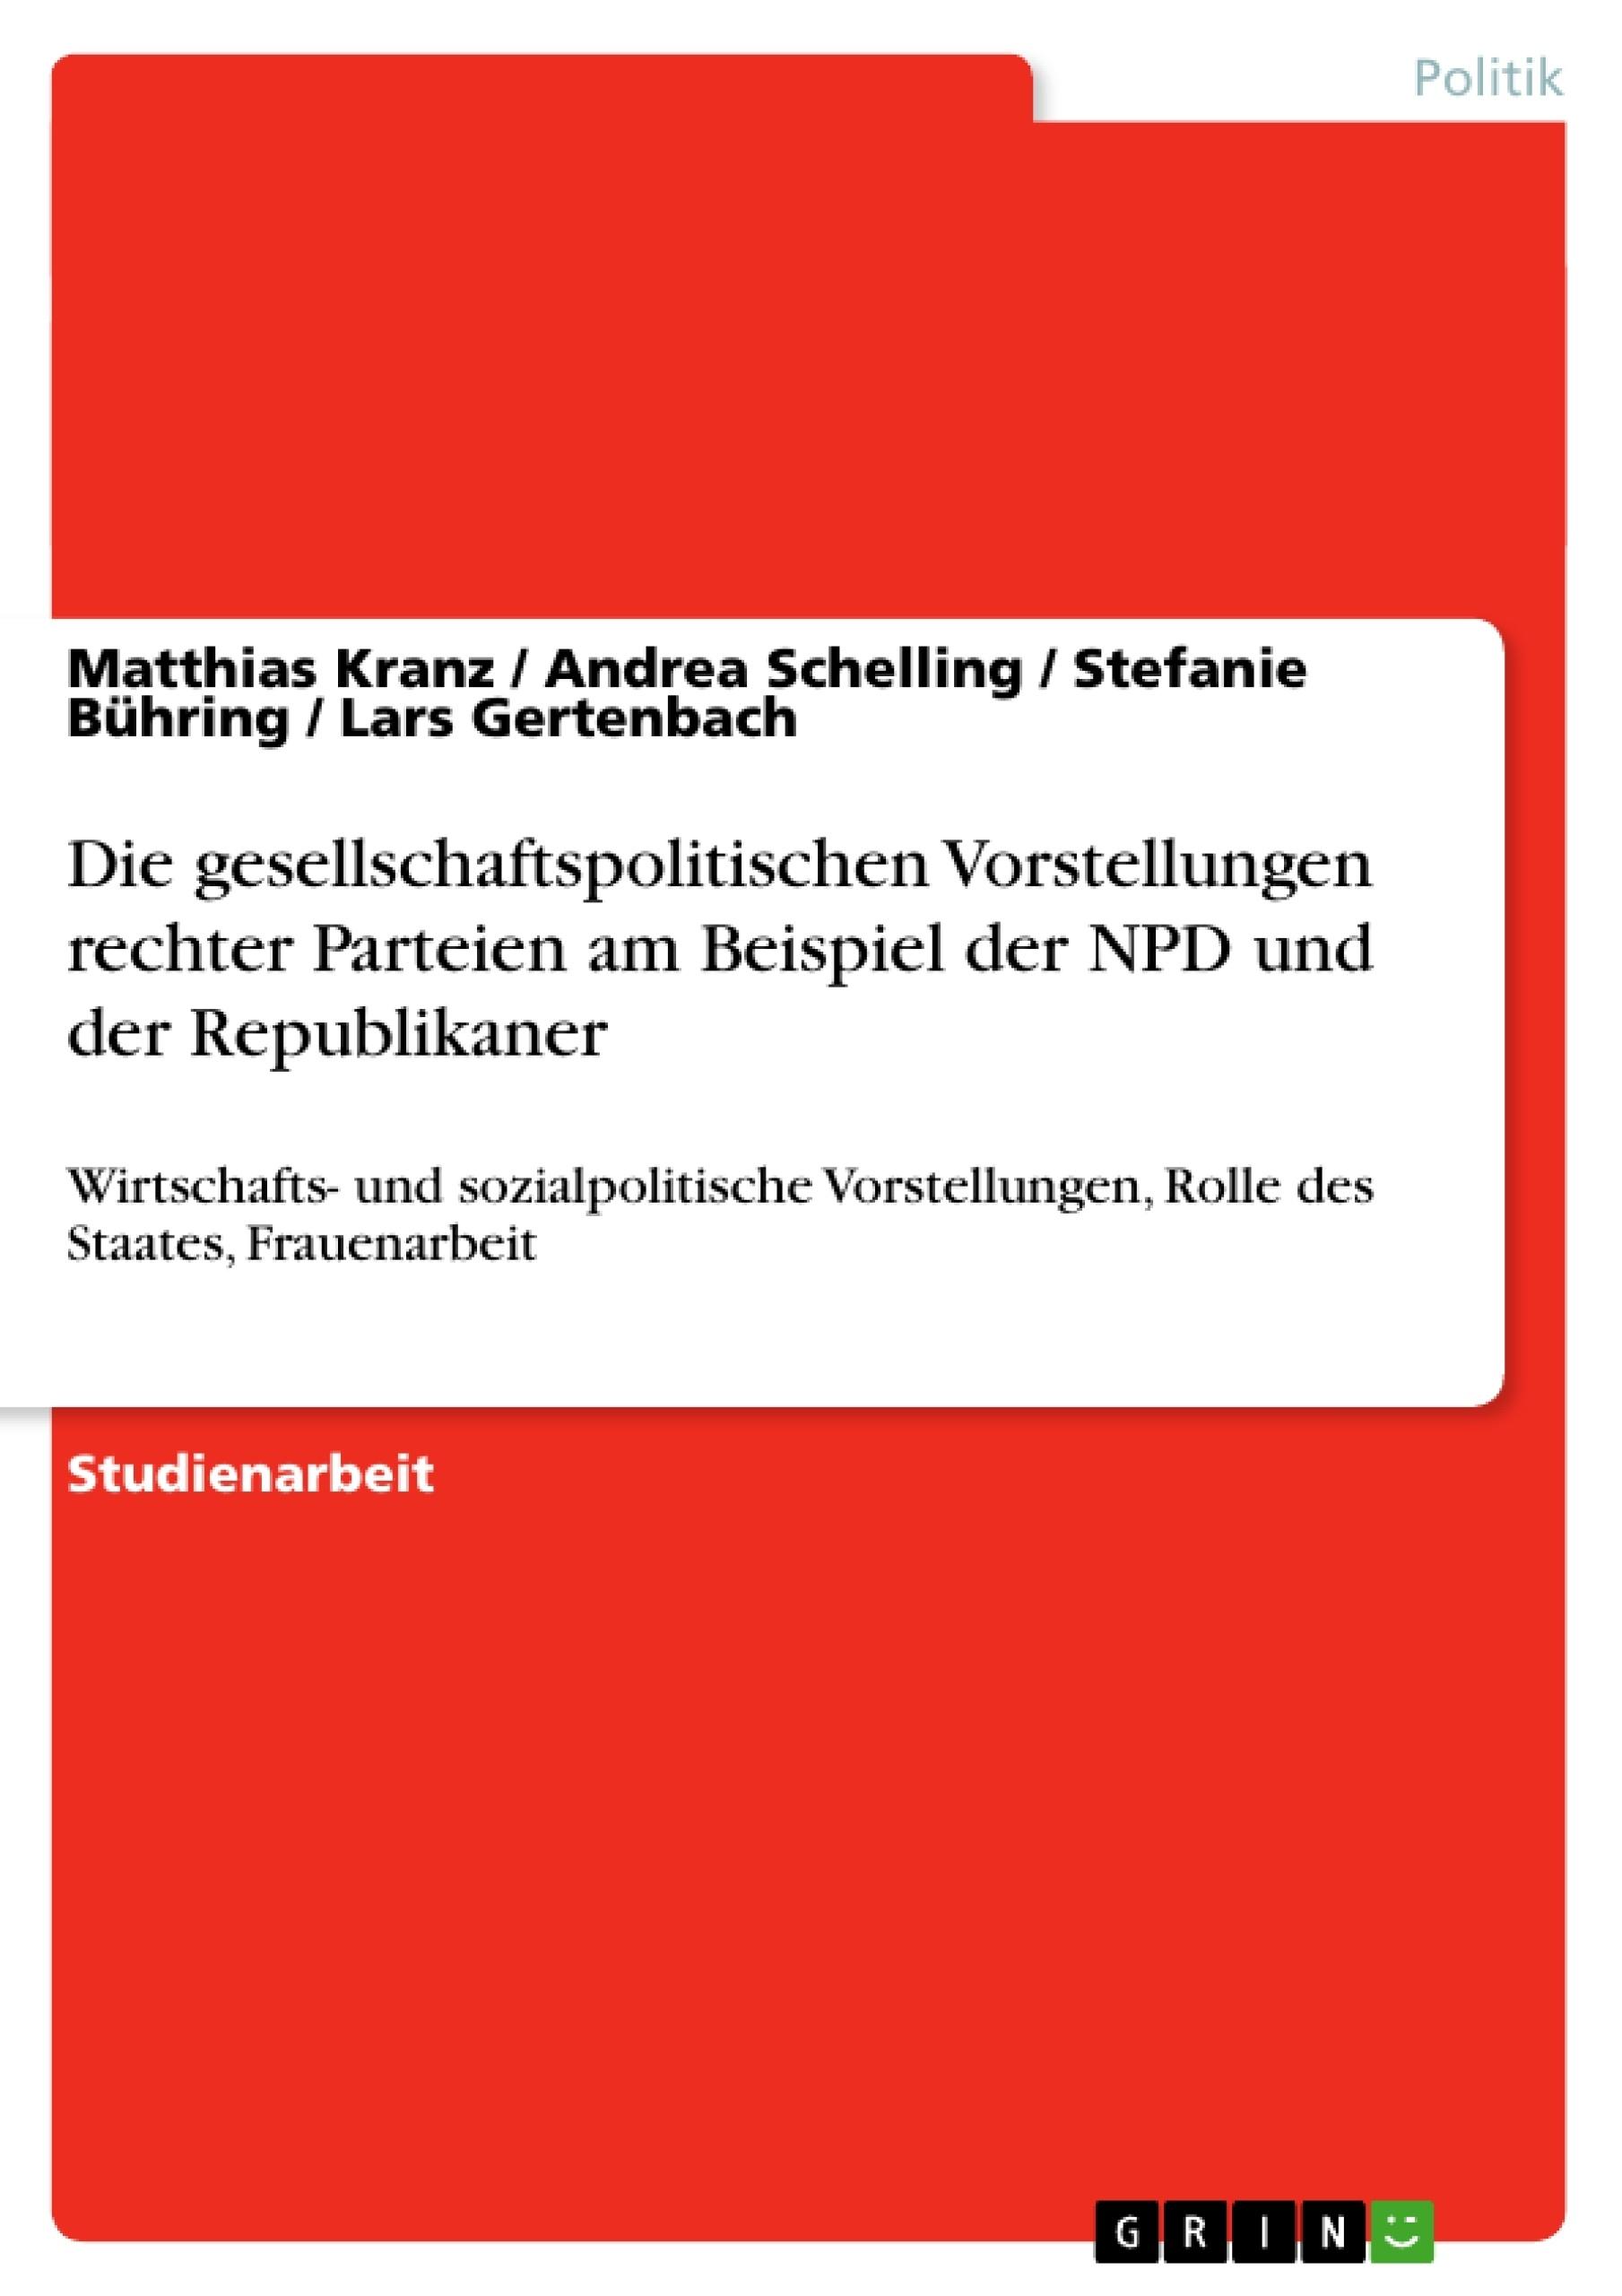 Titel: Die gesellschaftspolitischen Vorstellungen rechter Parteien am Beispiel der NPD und der Republikaner